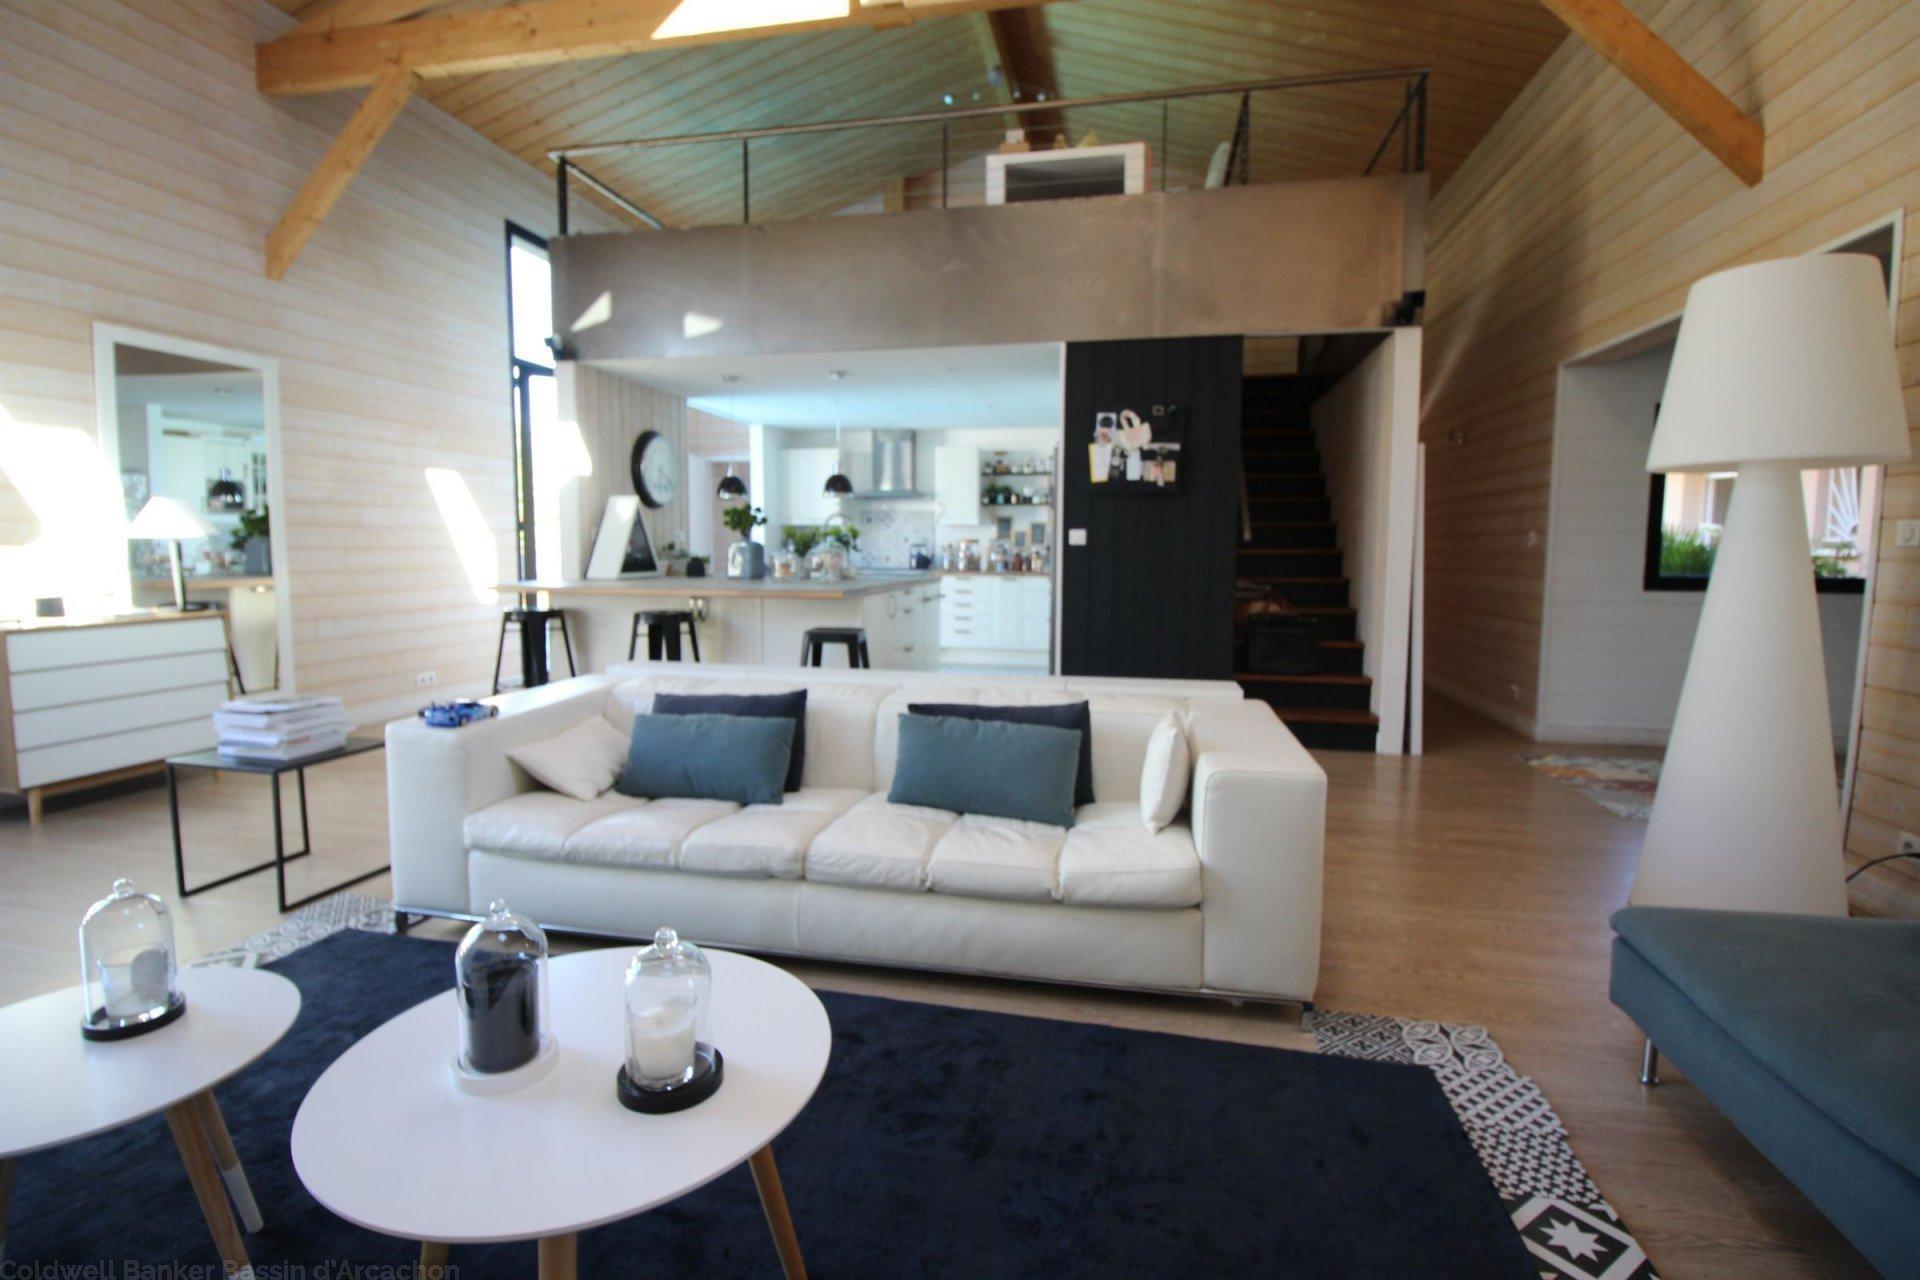 villa style loft moderne a vendre bassin d'arcachon